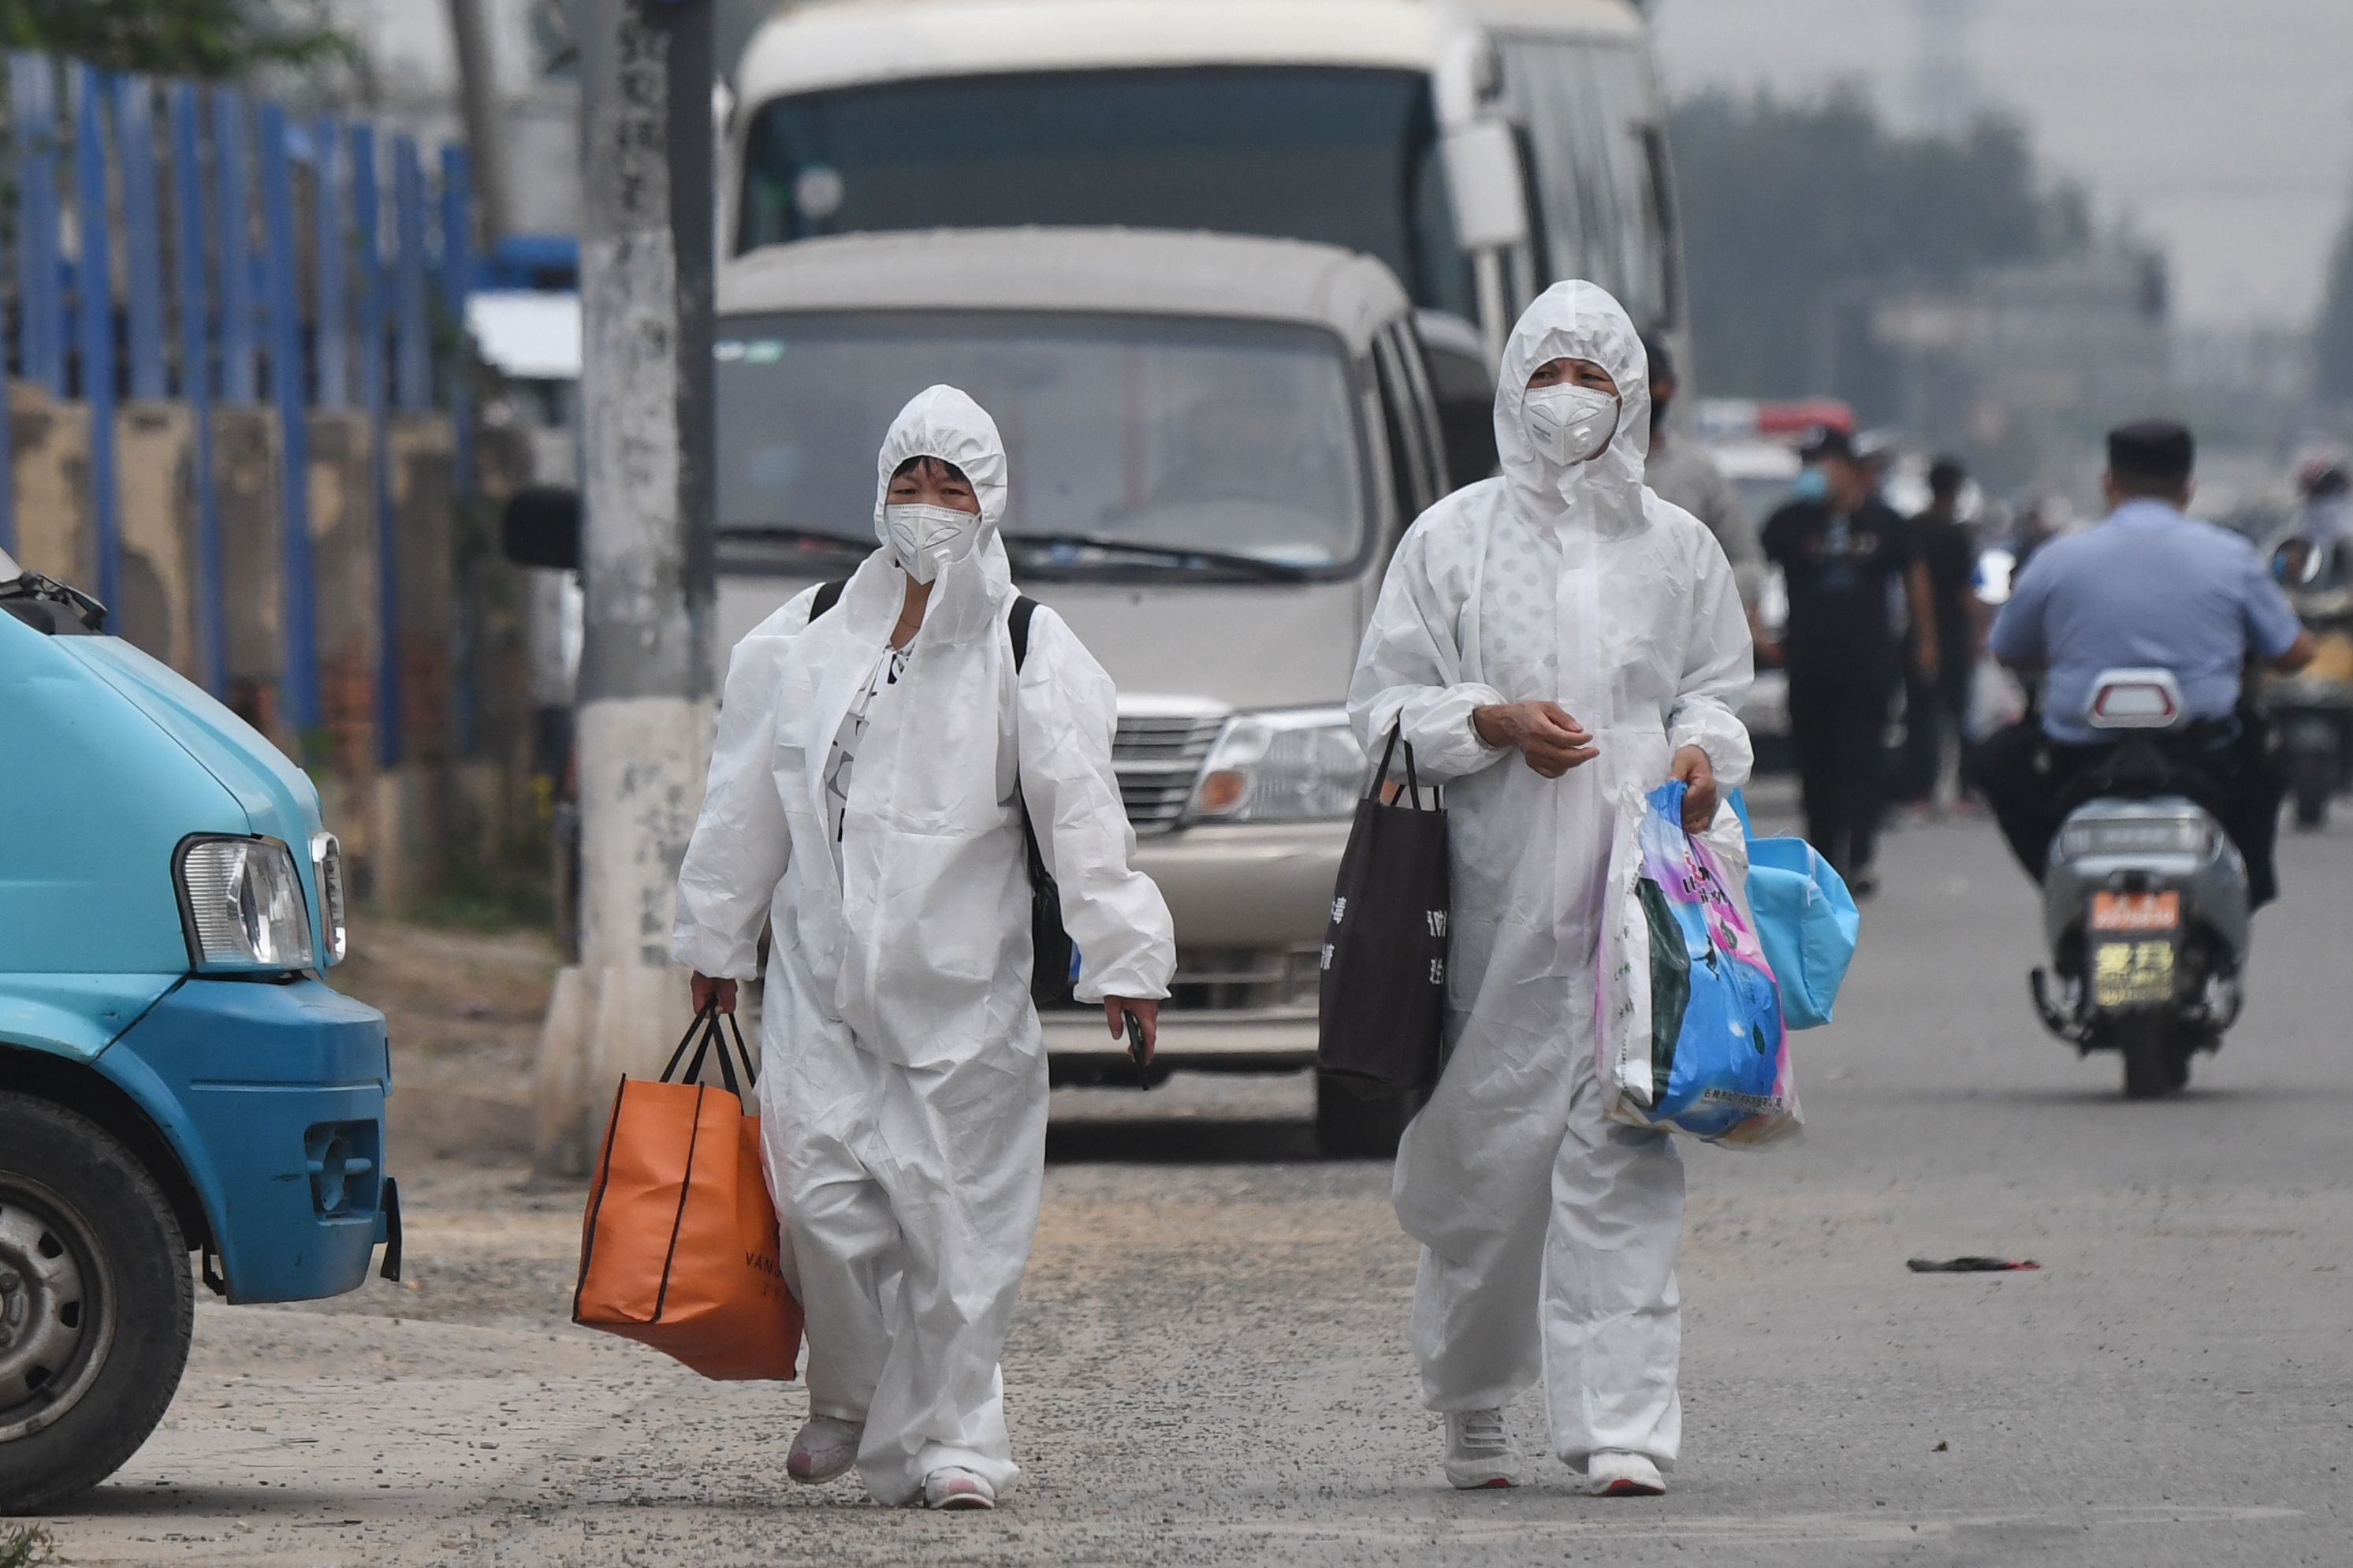 北京中共病毒疫情擴至昌平區